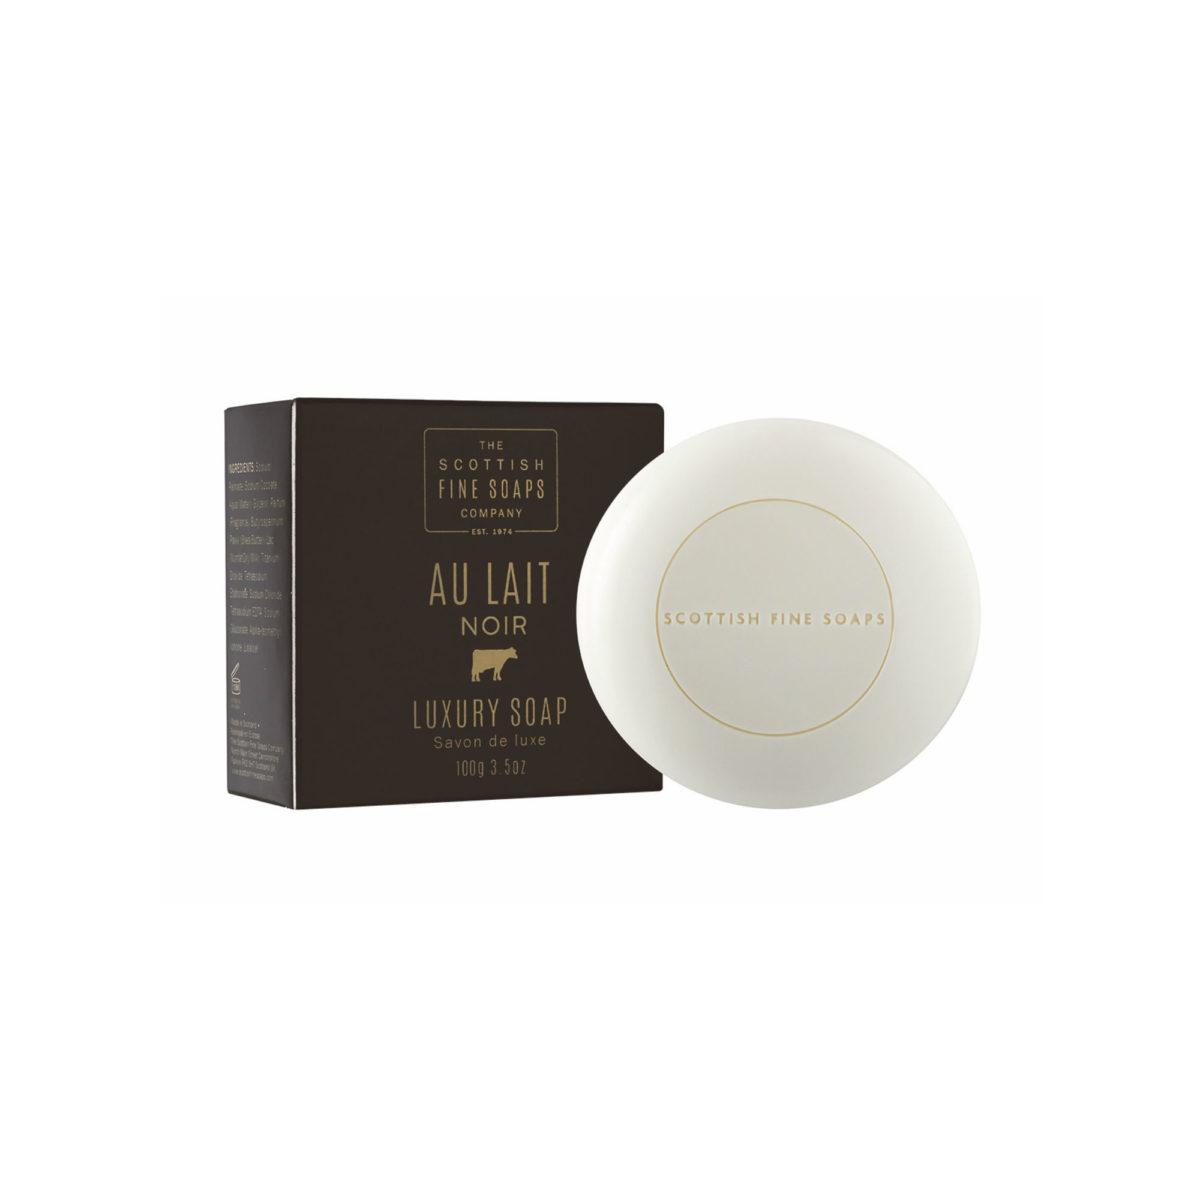 Au Lait Noir Luxury Milk Soap